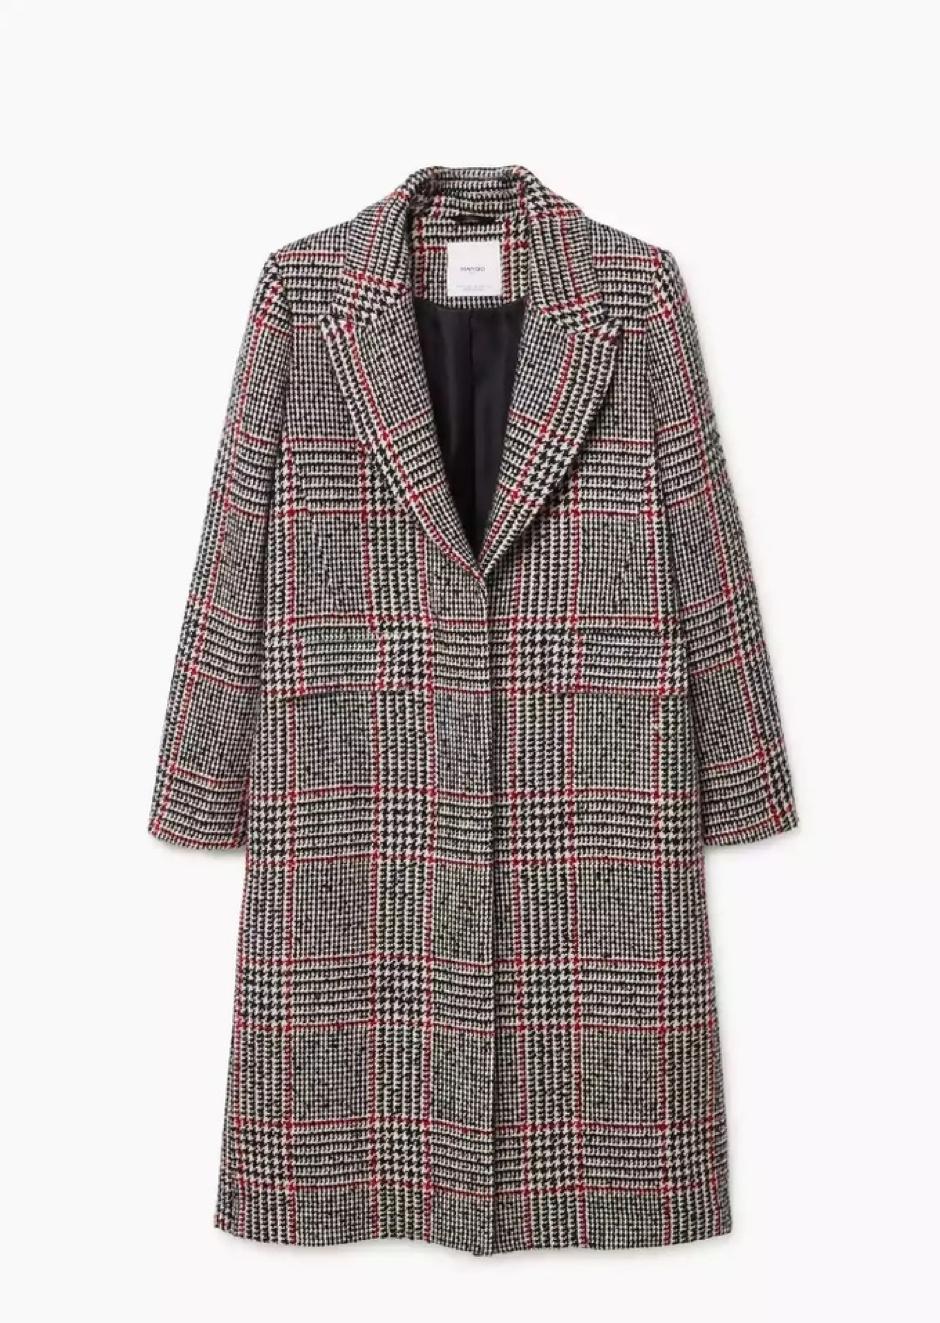 plaid coat options 7.png